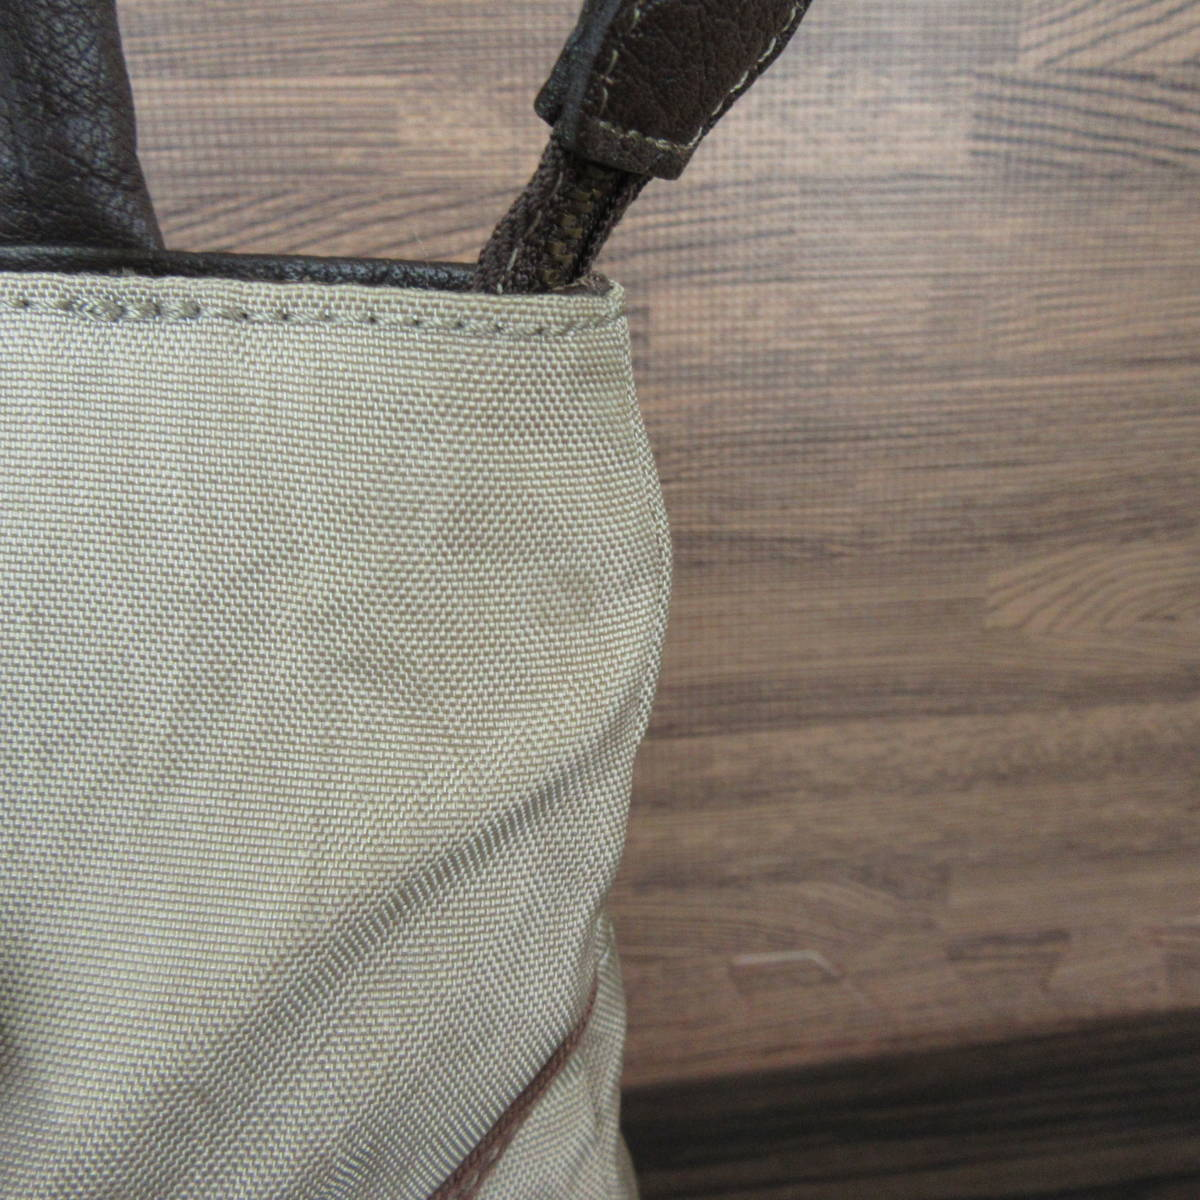 IBIZA イビザ ナイロン×レザー フラワーワッペン ハンドバッグ 保存袋 ブラウン×ベージュ系 東KK_画像9